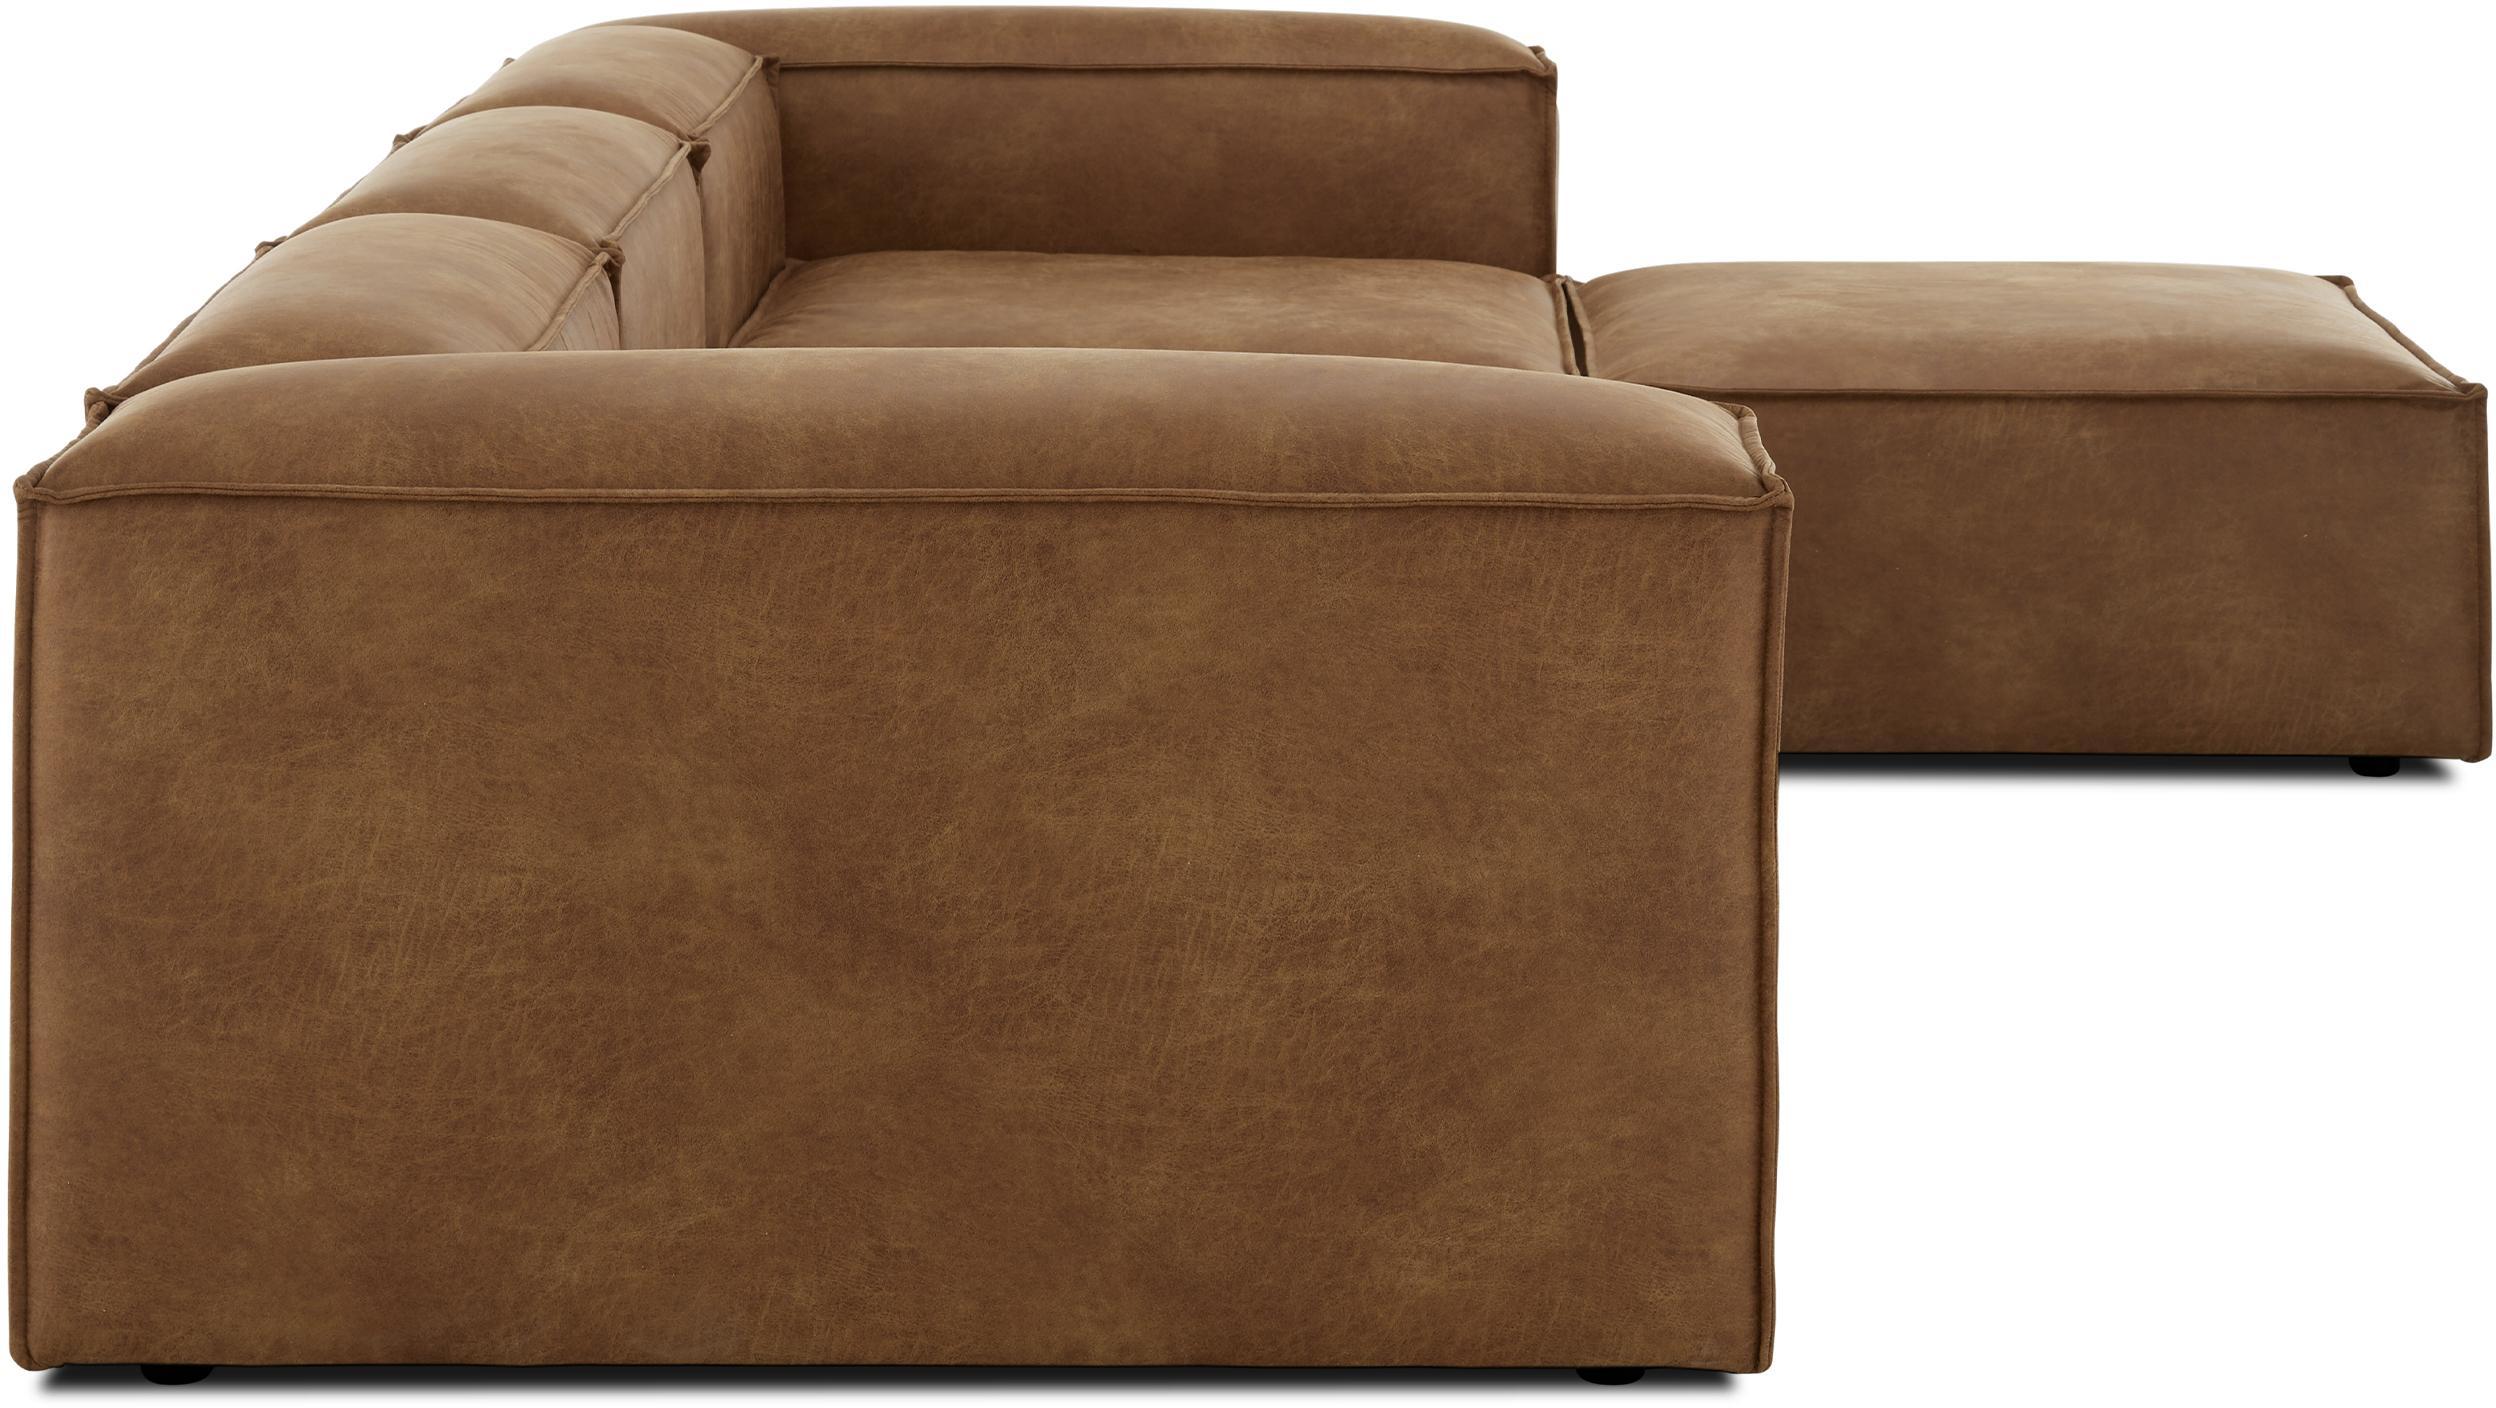 Sofa modułowa narożna ze skóry Lennon, Tapicerka: 70% skóra, 30% poliester , Stelaż: lite drewno sosnowe, płyt, Nogi: tworzywo sztuczne, Brązowy, S 326 x G 207 cm